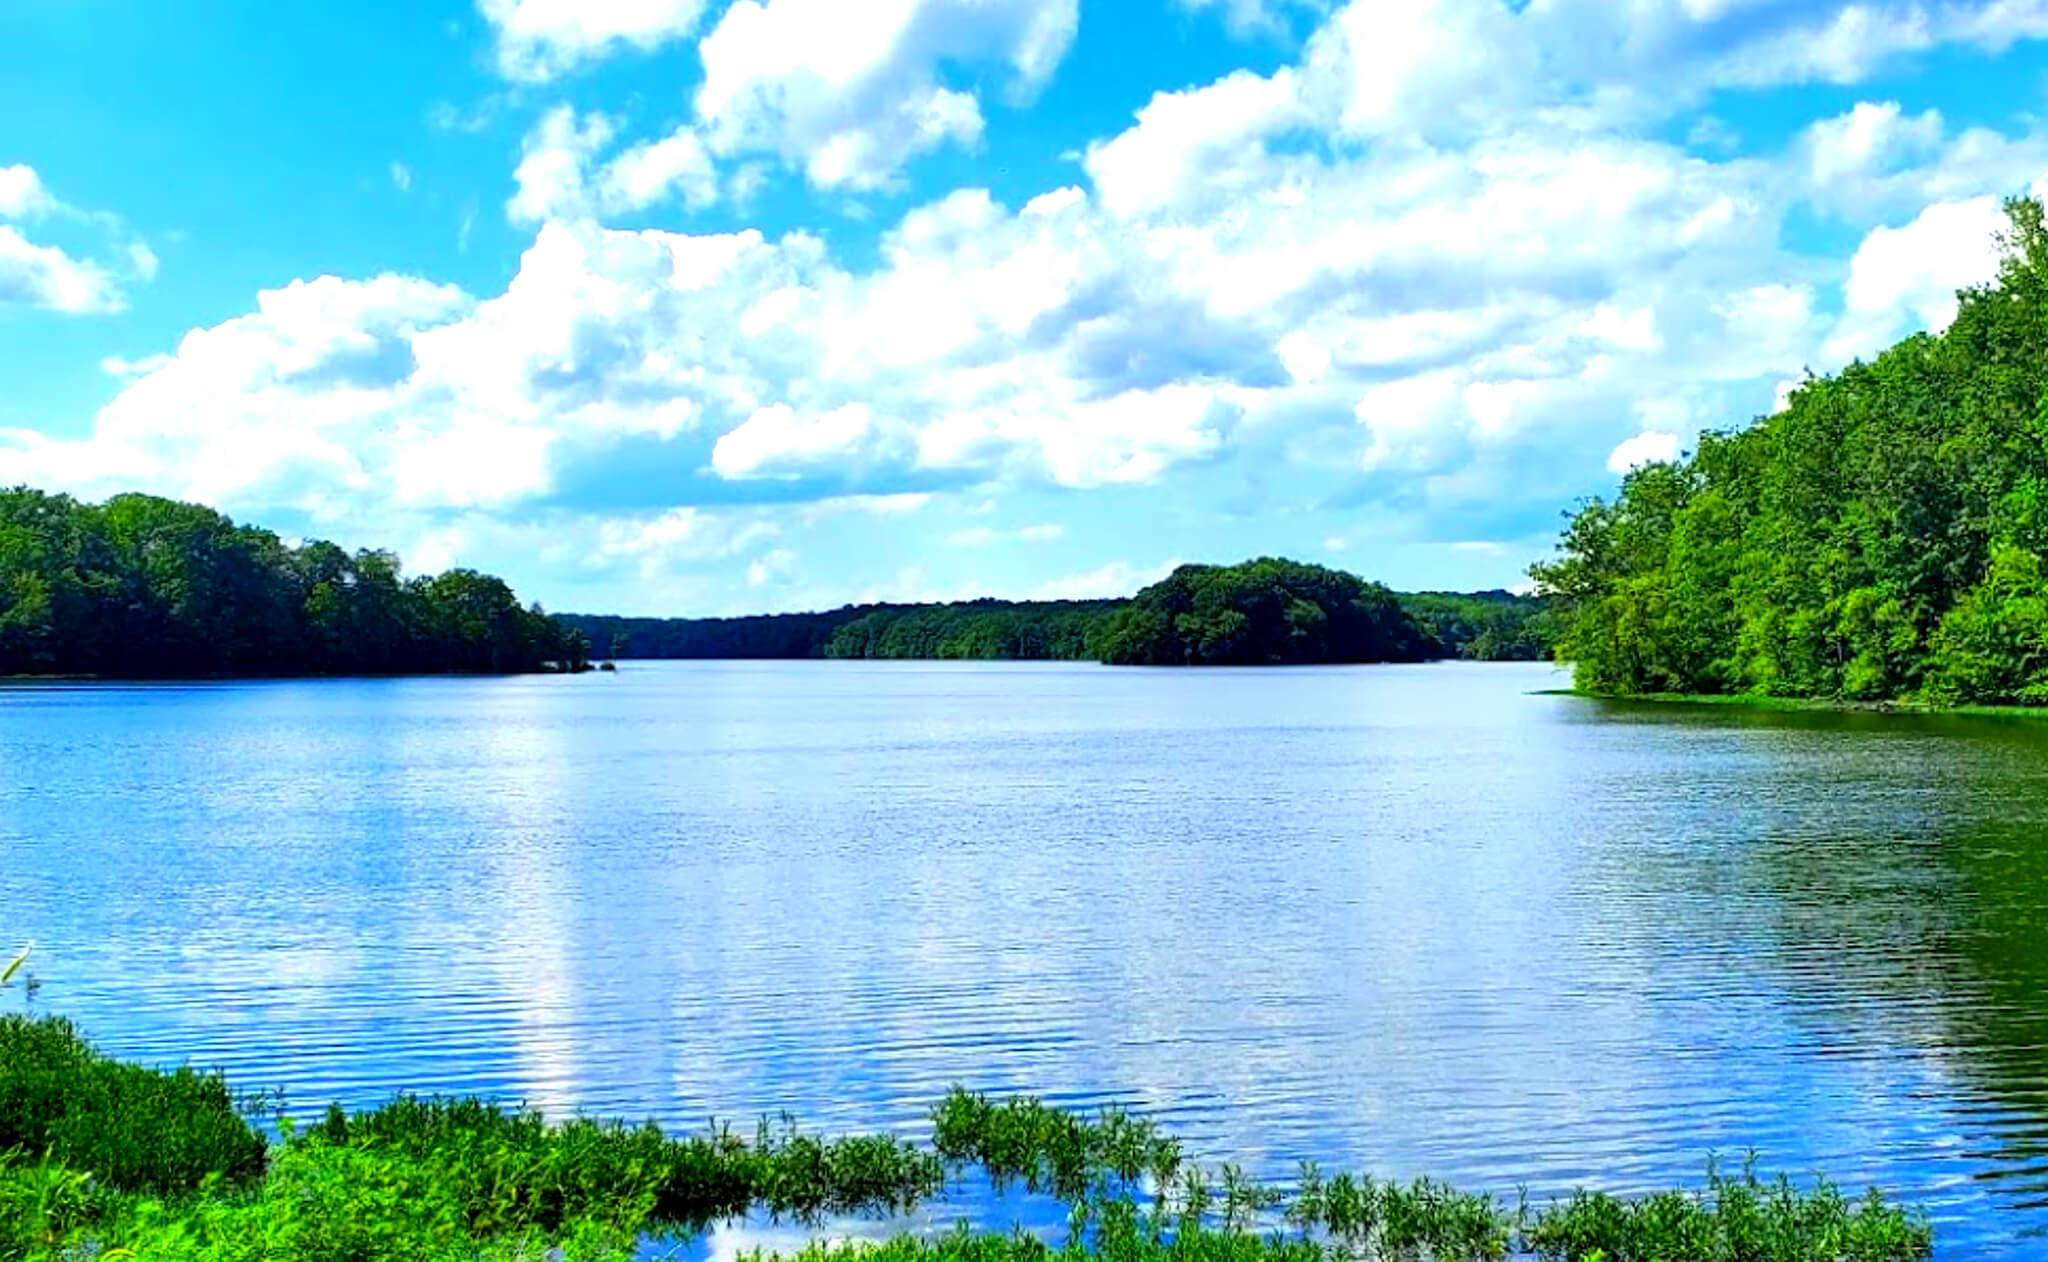 Burke-Lake-Fishing-Report-Guide-Virginia-VA-02